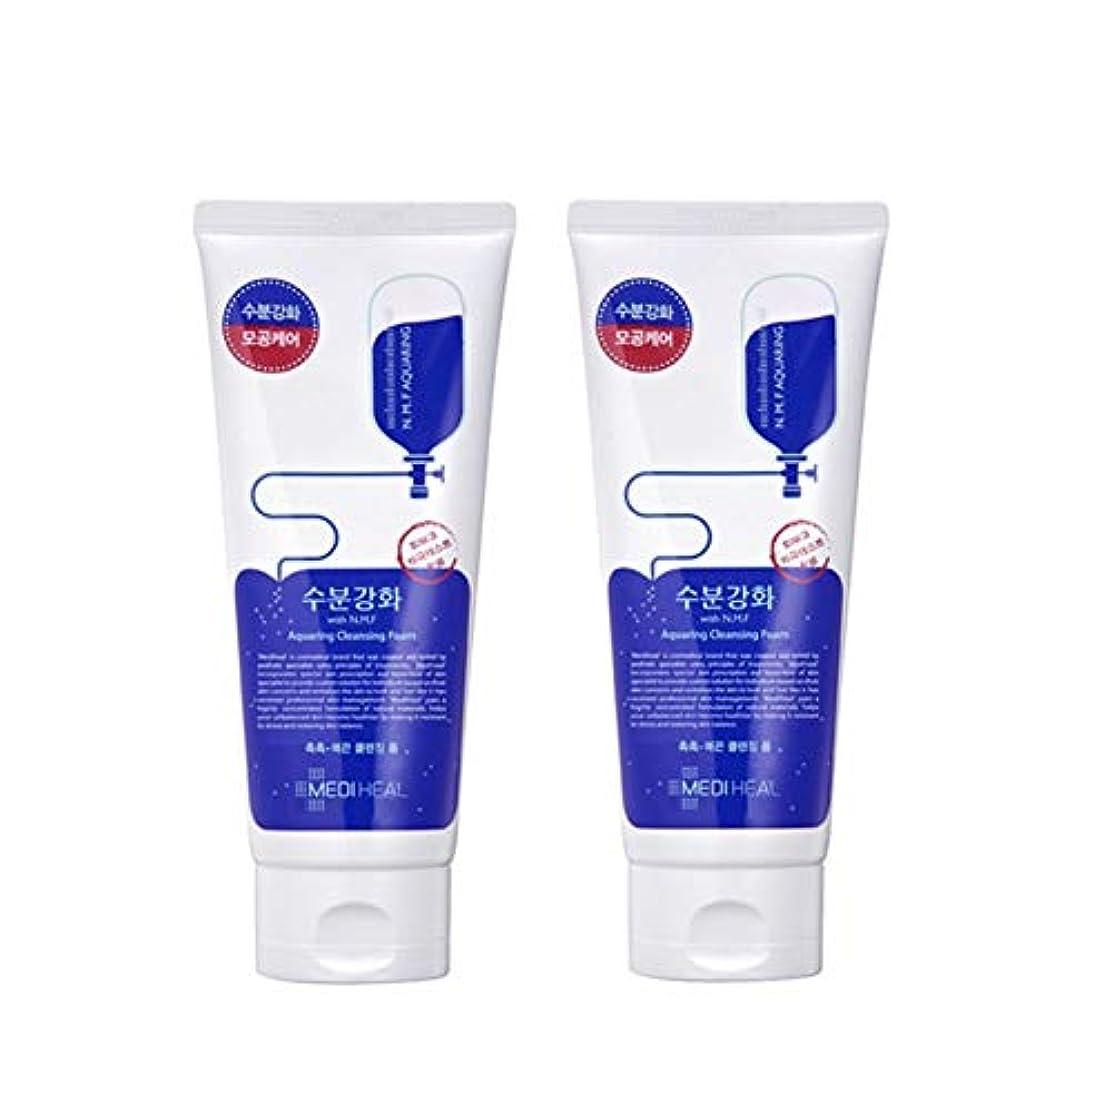 豊かなモルヒネ苦しみメディヒール水分強化クレンジングフォーム170mlx2本セット韓国コスメ、Mediheal Aquaring Cleansing Foam 170ml x 2ea Set Korean Cosmetics [並行輸入品]